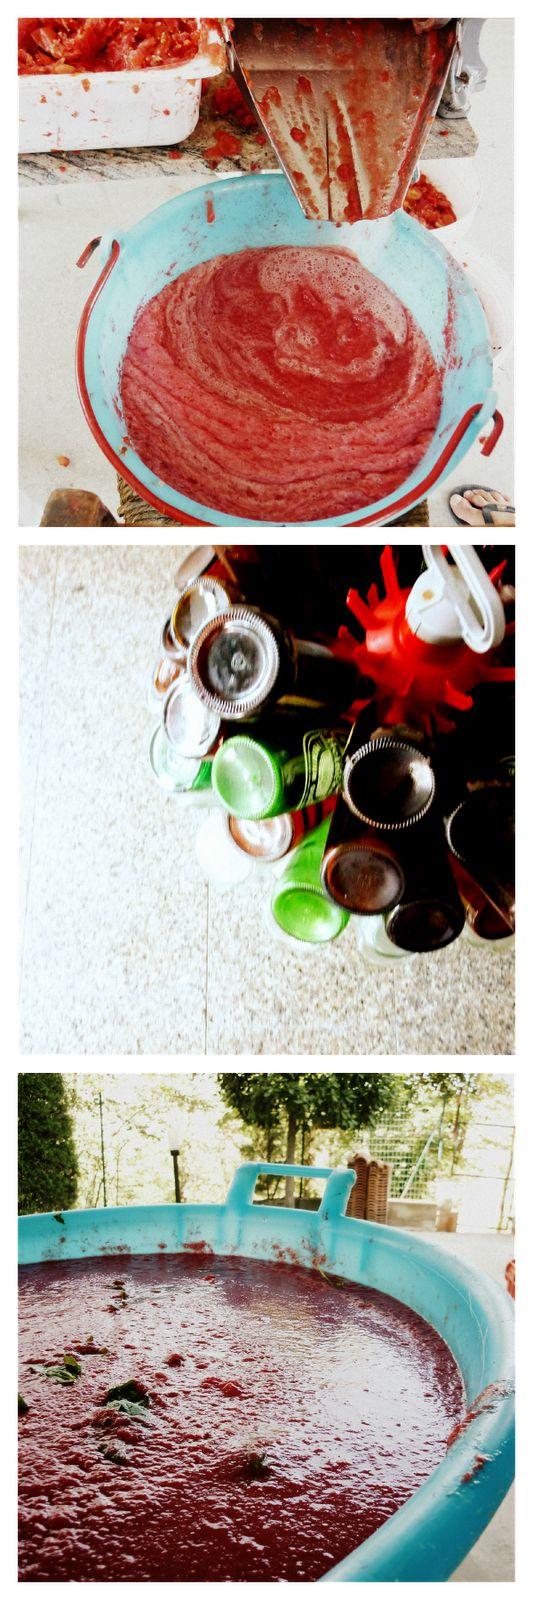 VERDEPOMODORO: Come preparare la passata di pomodoro